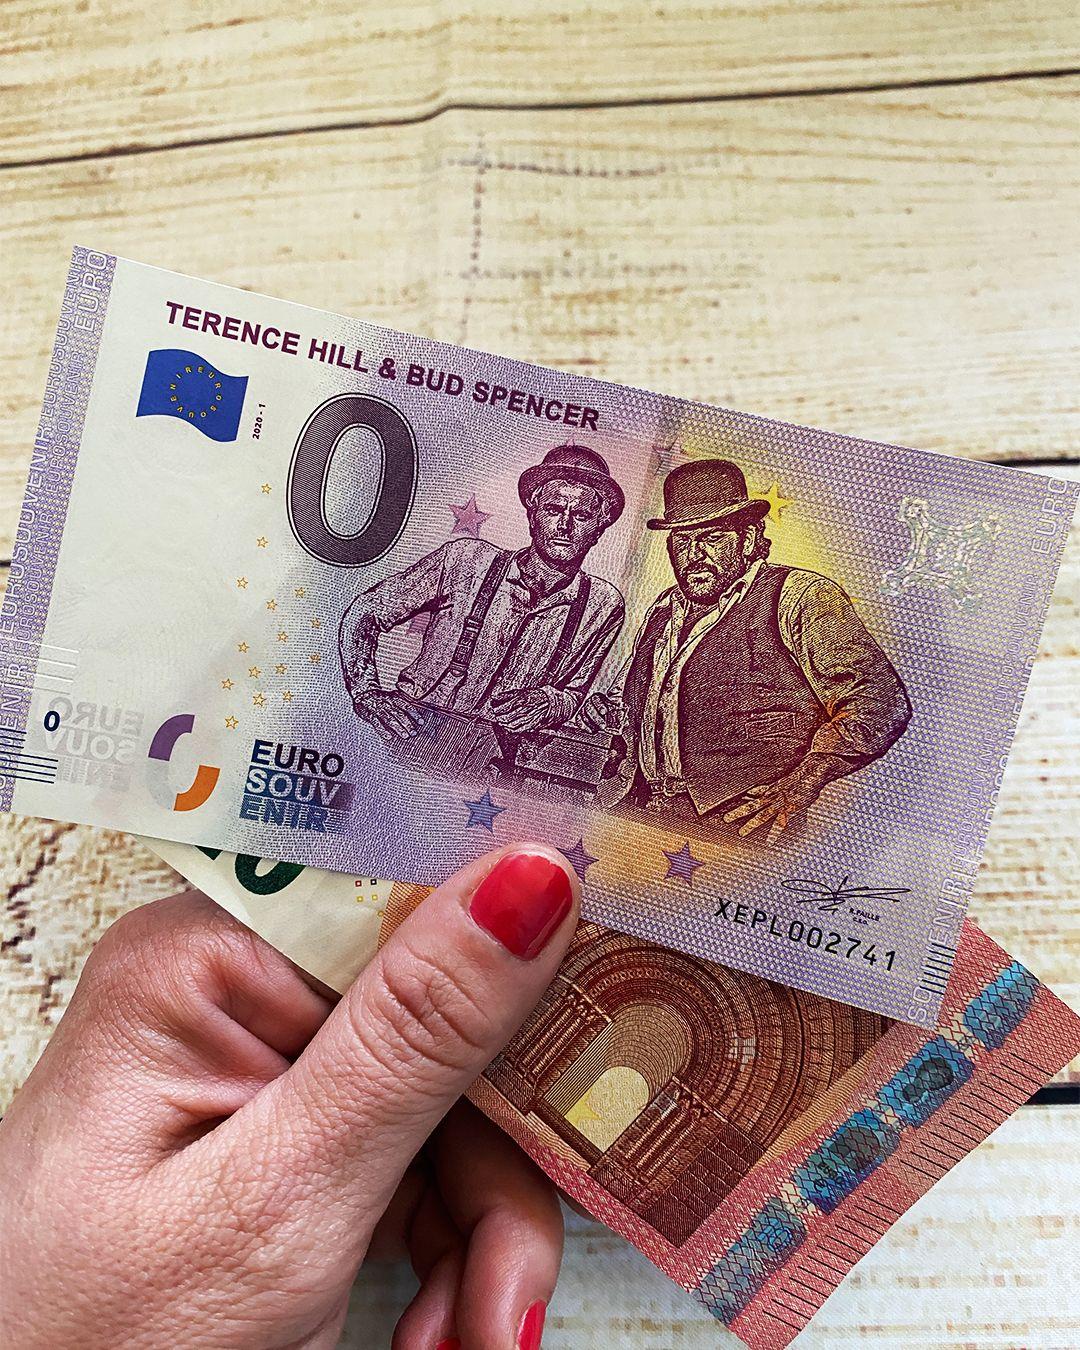 Terence Hill Bud Spencer 0 Euro Banknote Bud Spencer Filme Klassiker Terence Hill